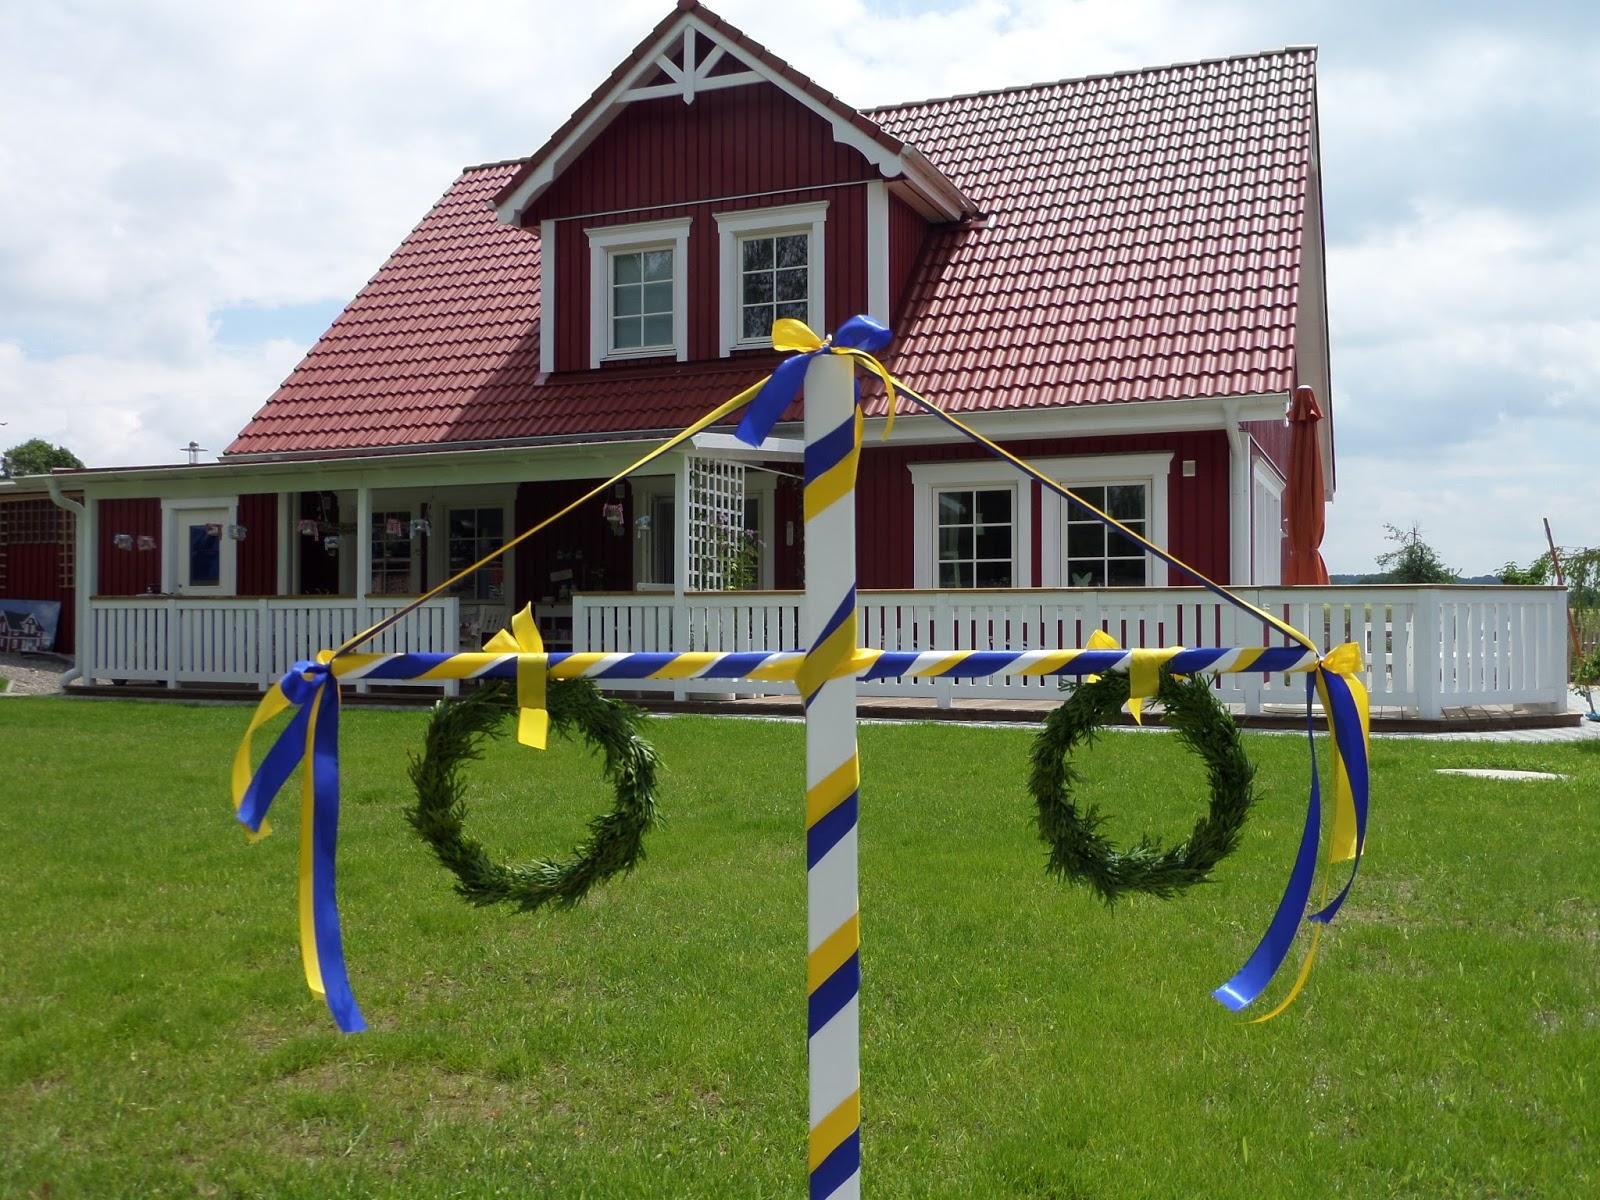 kleine lotta unser schwedenhaus frohes mittsommerfest. Black Bedroom Furniture Sets. Home Design Ideas